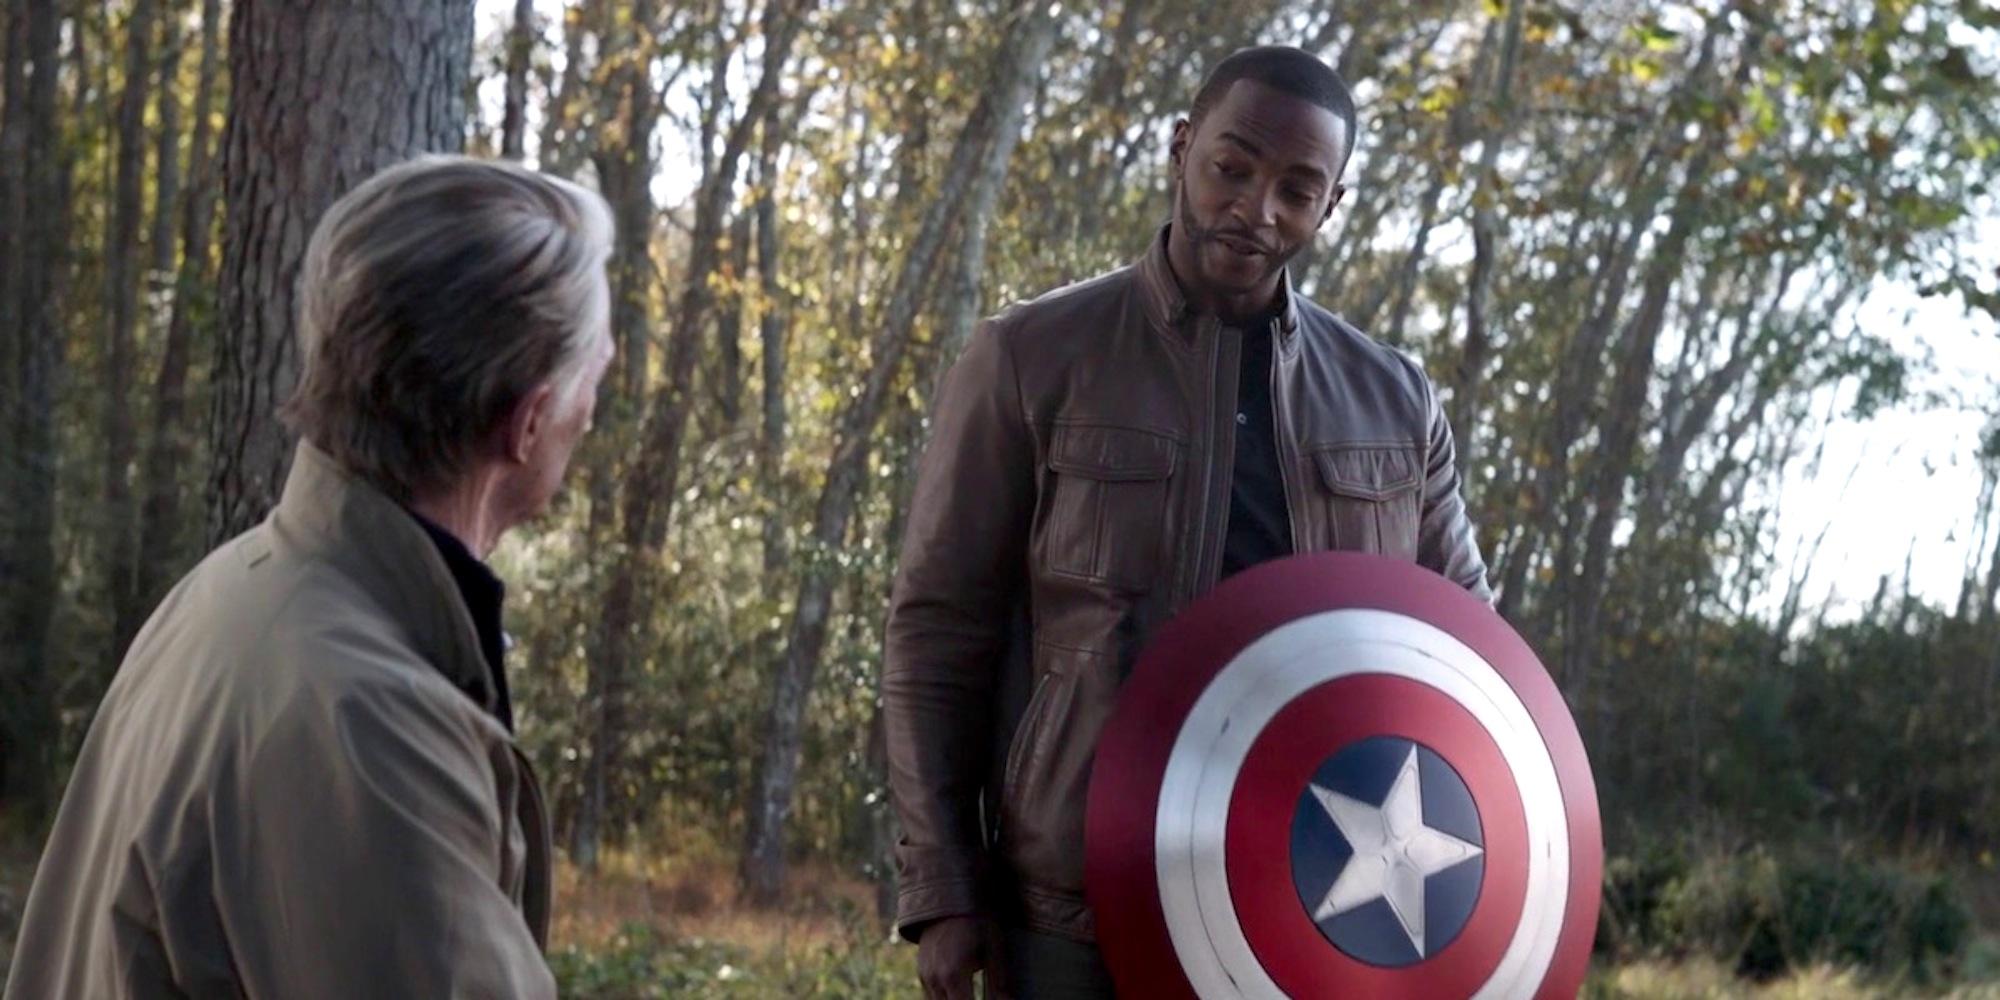 Steve Rogers made Sam Wilson the new Captain America in Avengers: Endgame.